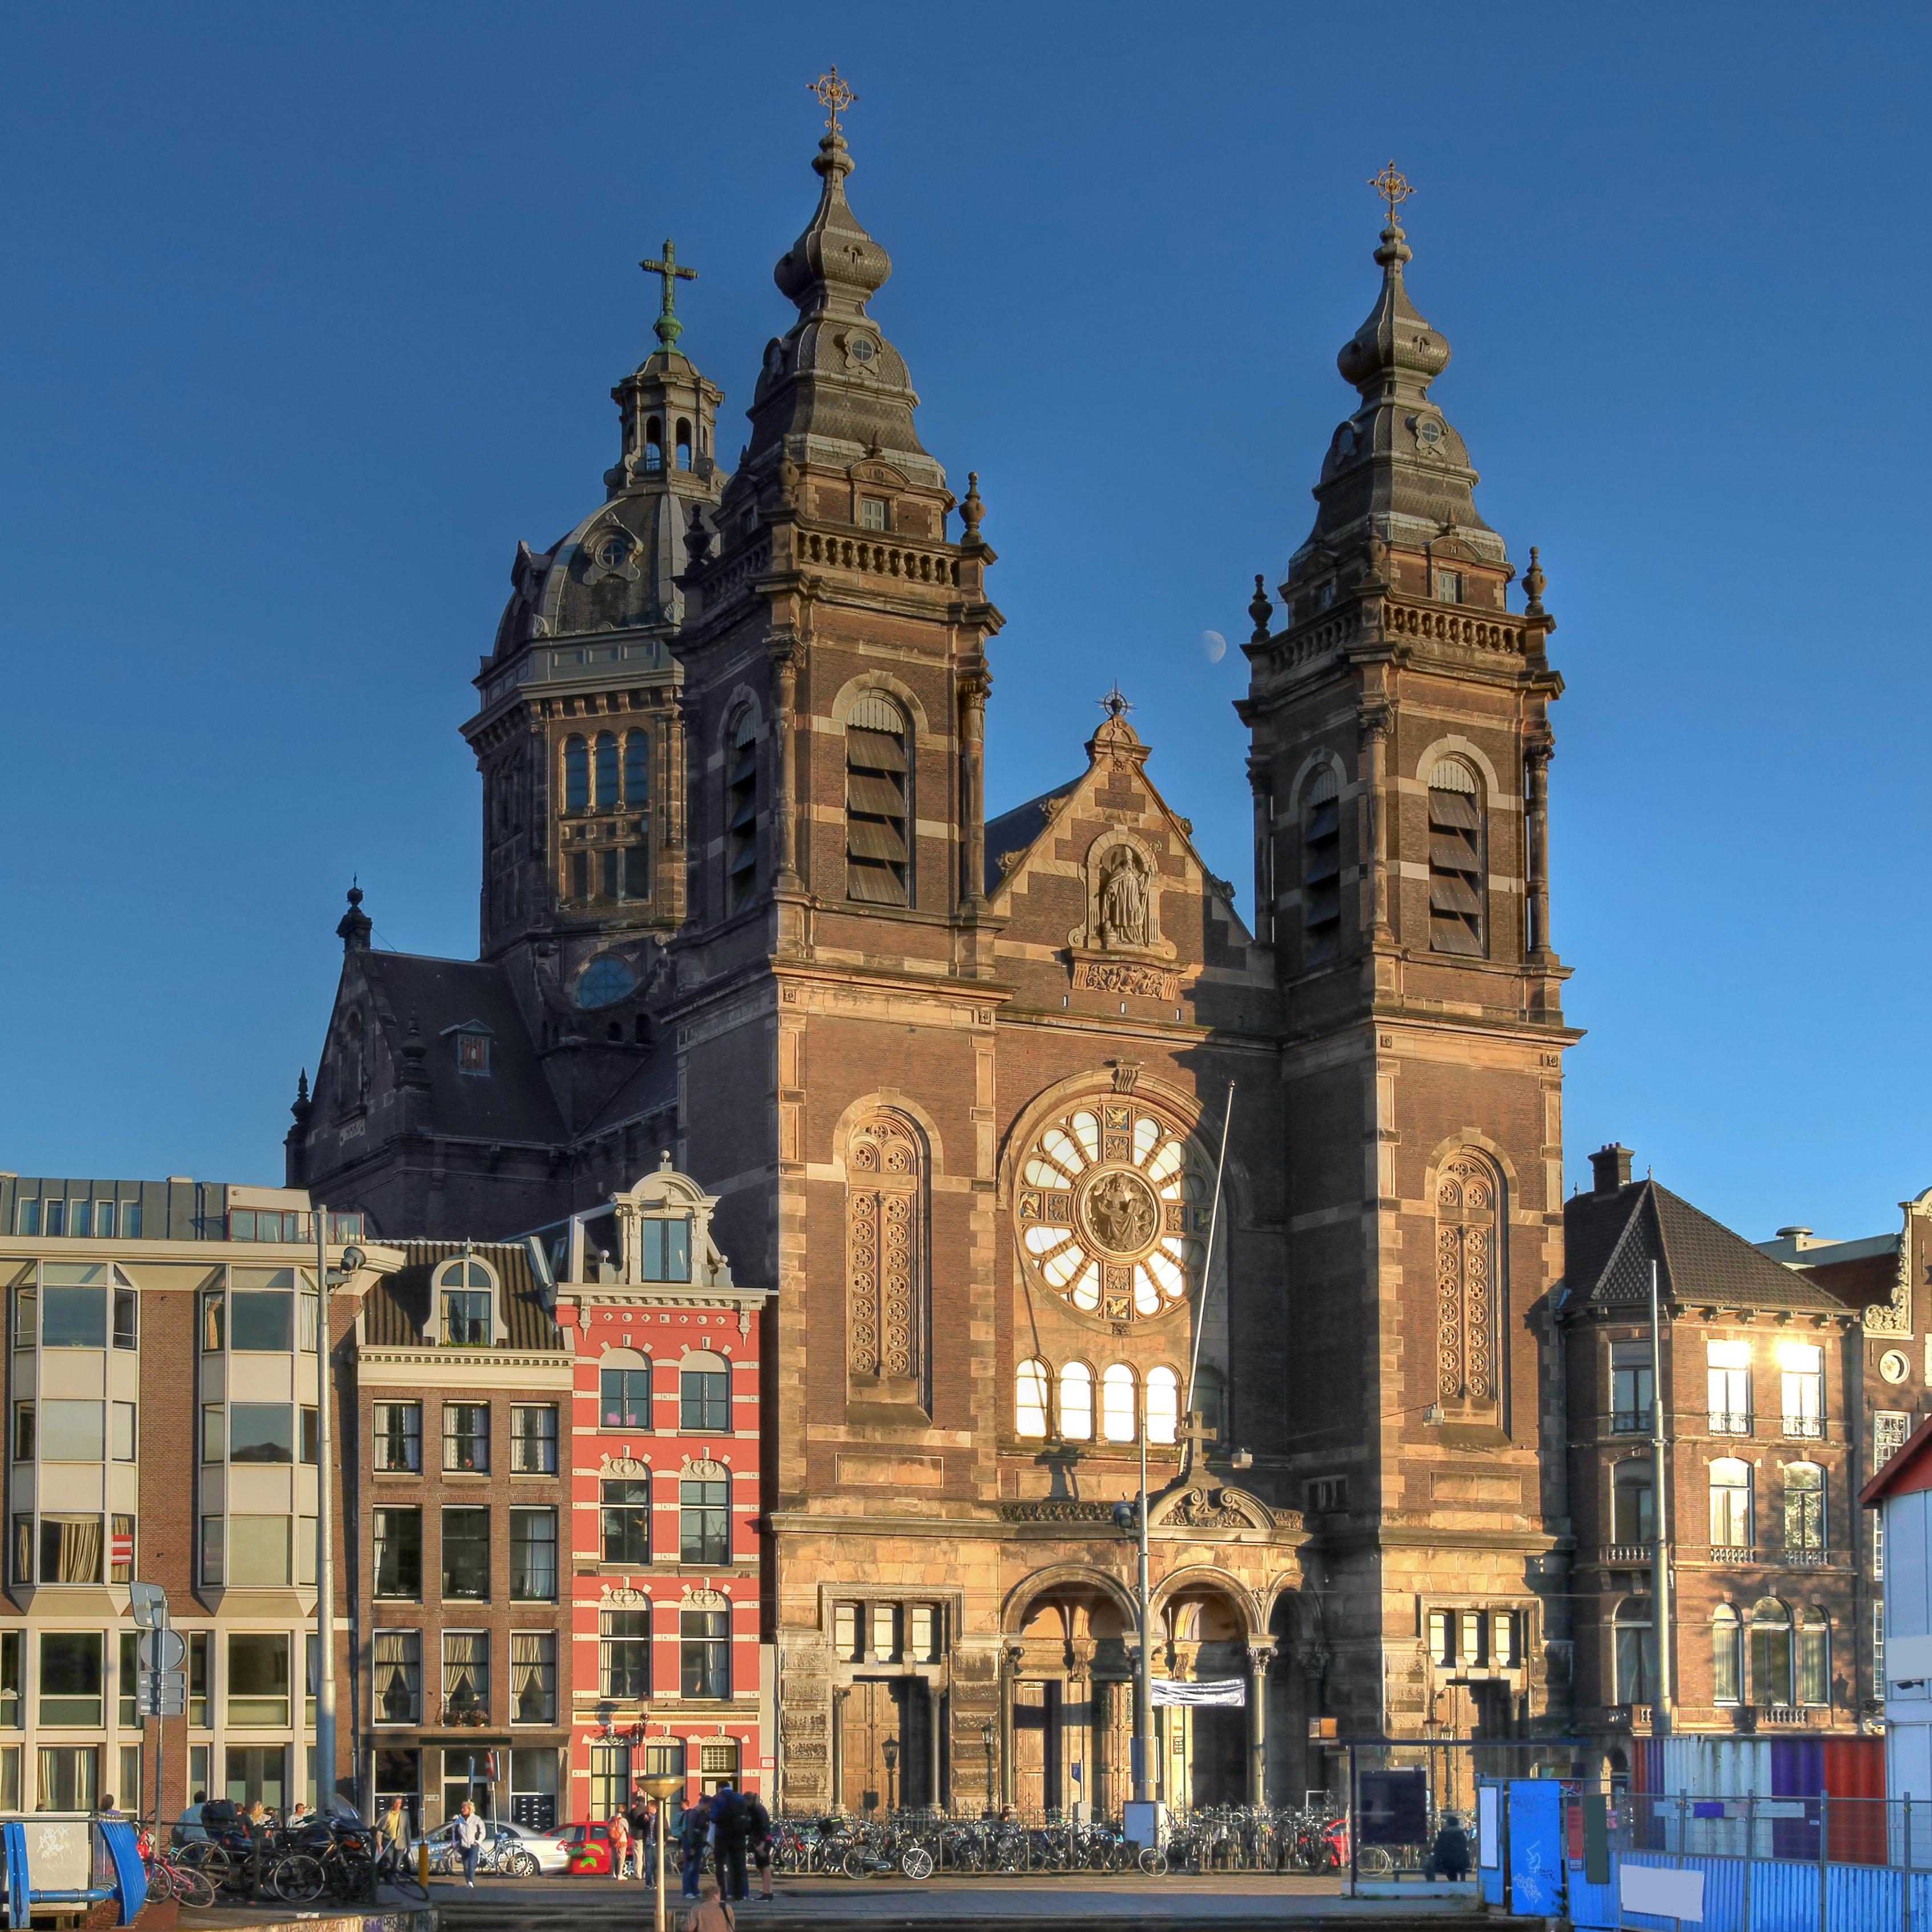 阿姆斯特丹圣尼古拉斯教堂  Church of Saint Nicholas   -3